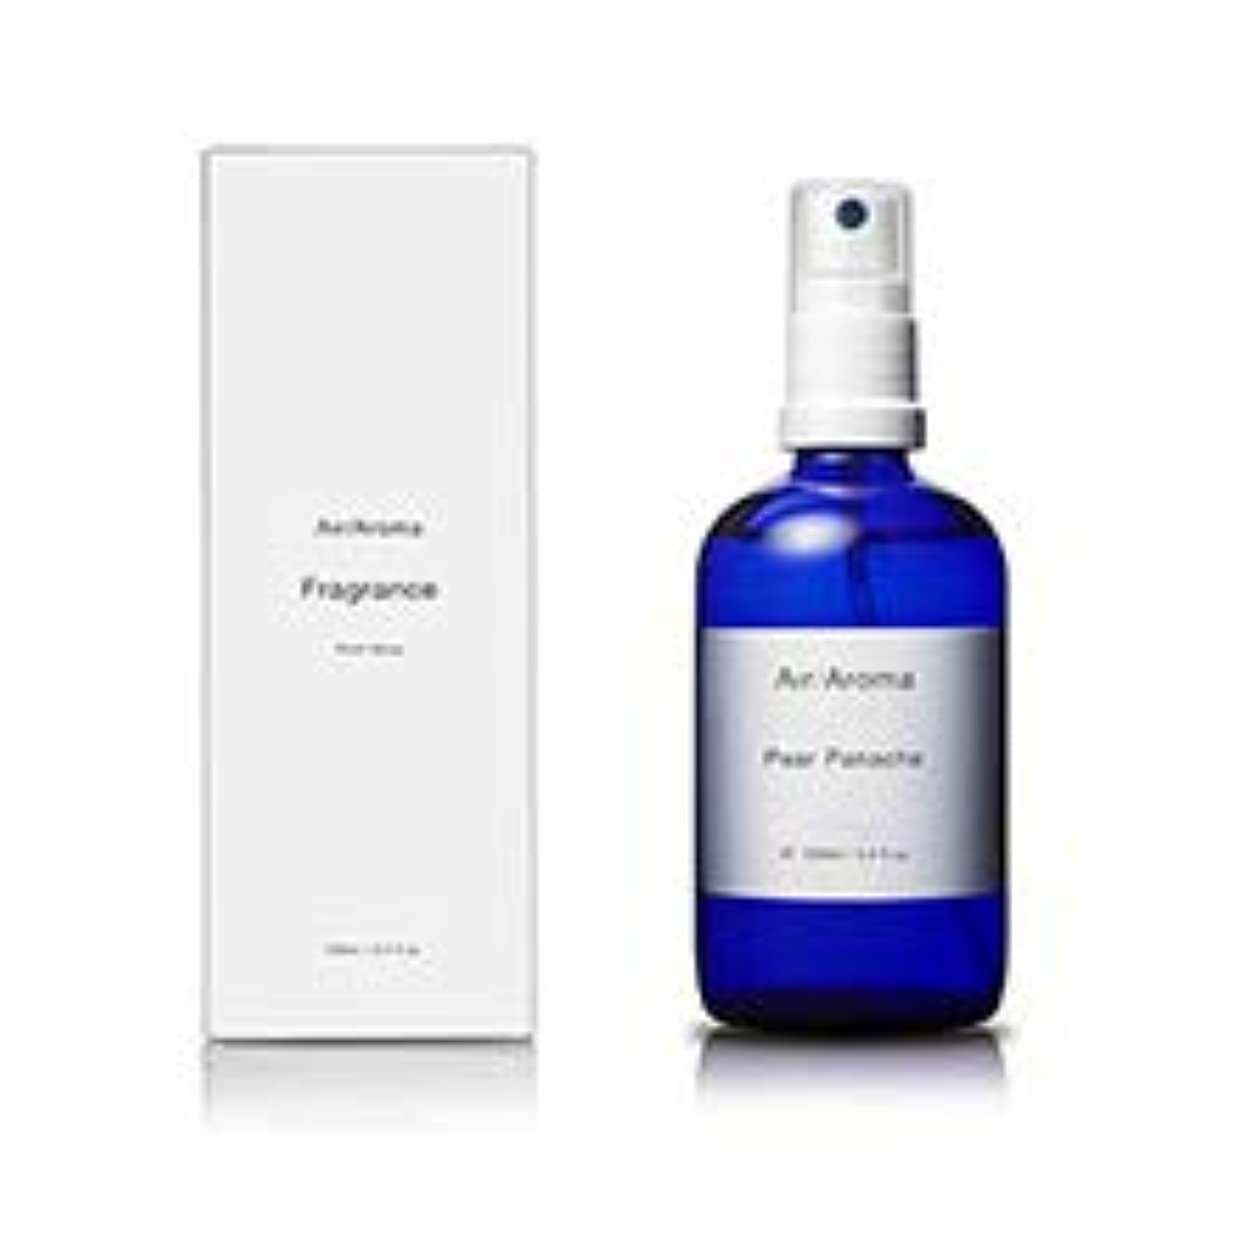 アジャ家主かわいらしいエアアロマ pear panache room fragrance (ペアパナシェ ルームフレグランス) 100ml